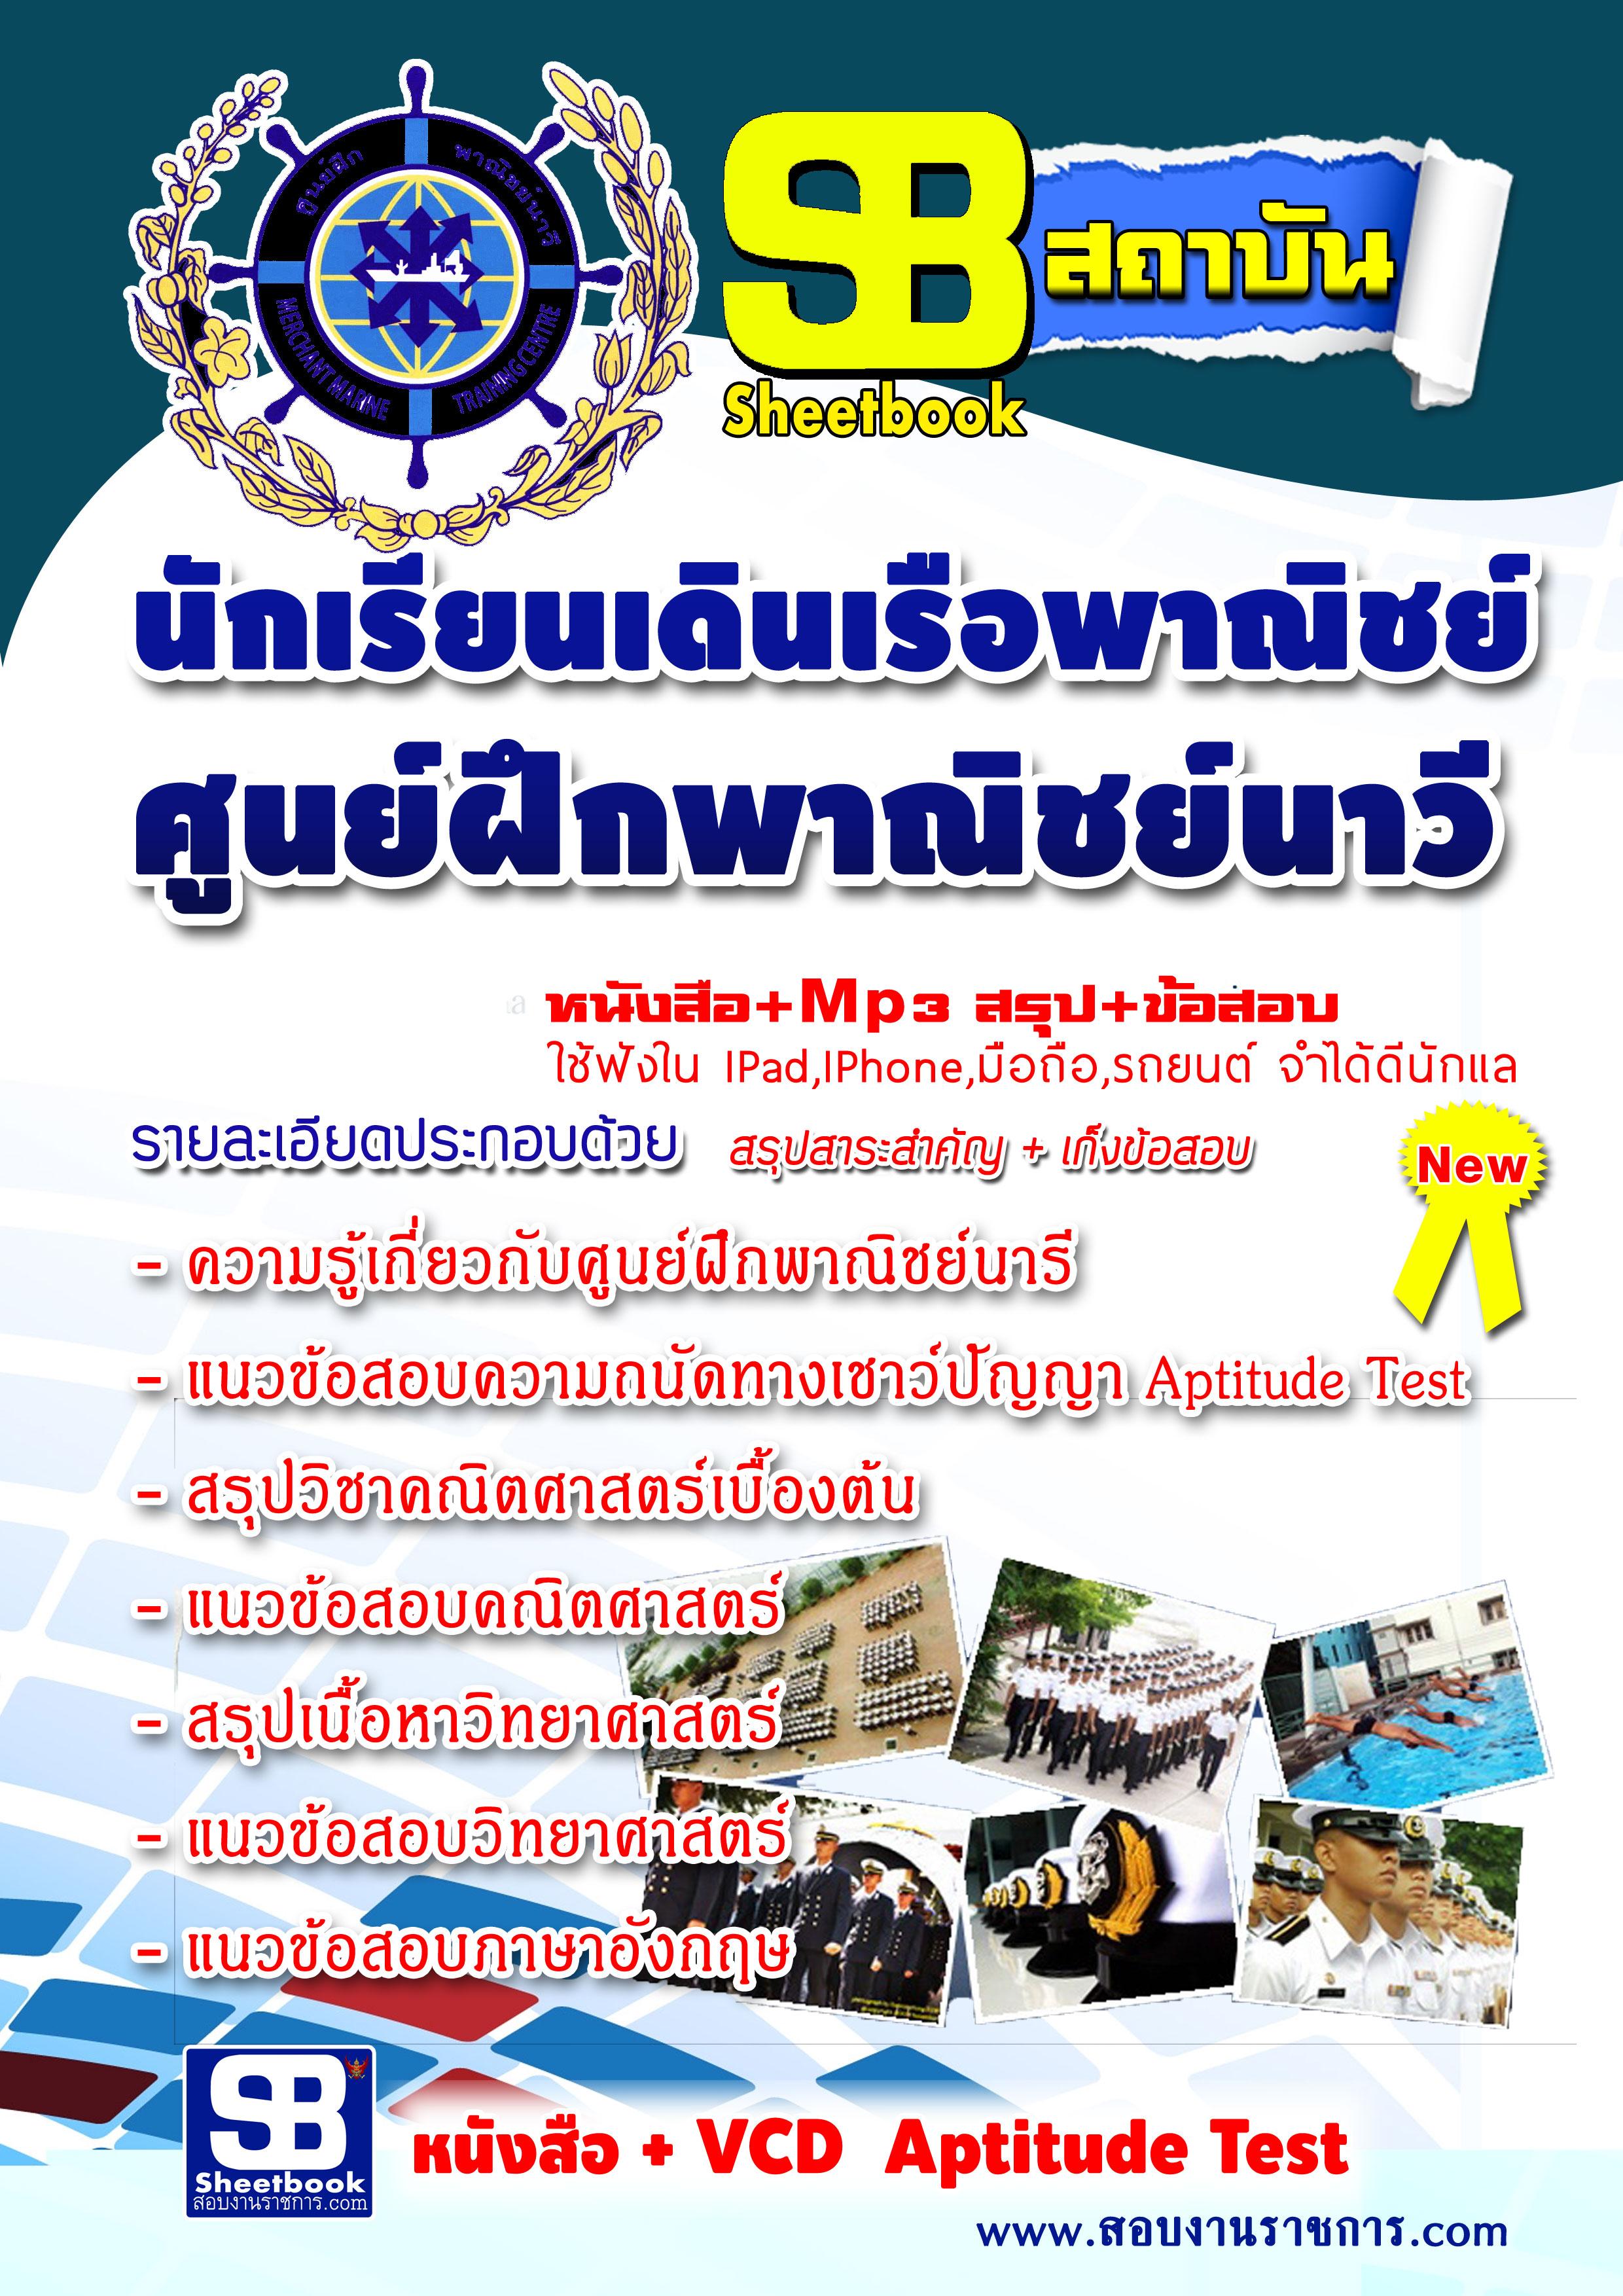 หนังสือ+VCD นักเรียนเดินเรือพาณิชย์ ศูนย์ฝึกพาณิชย์นาวี